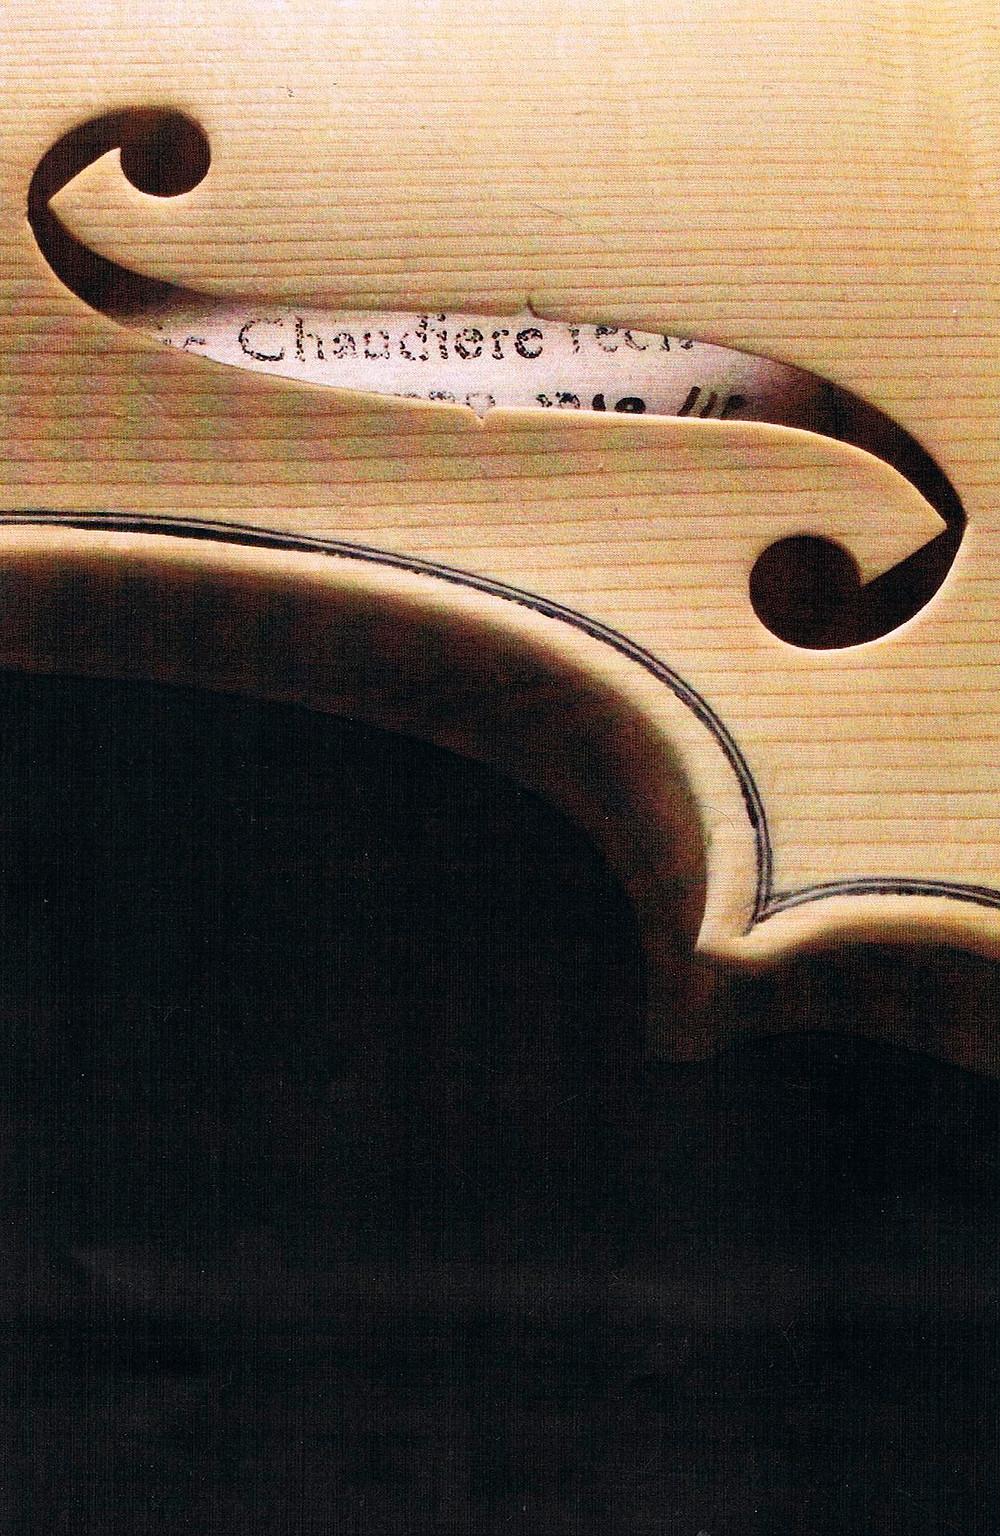 Etiquette violon Frédéric Chaudière © F Chaudiere